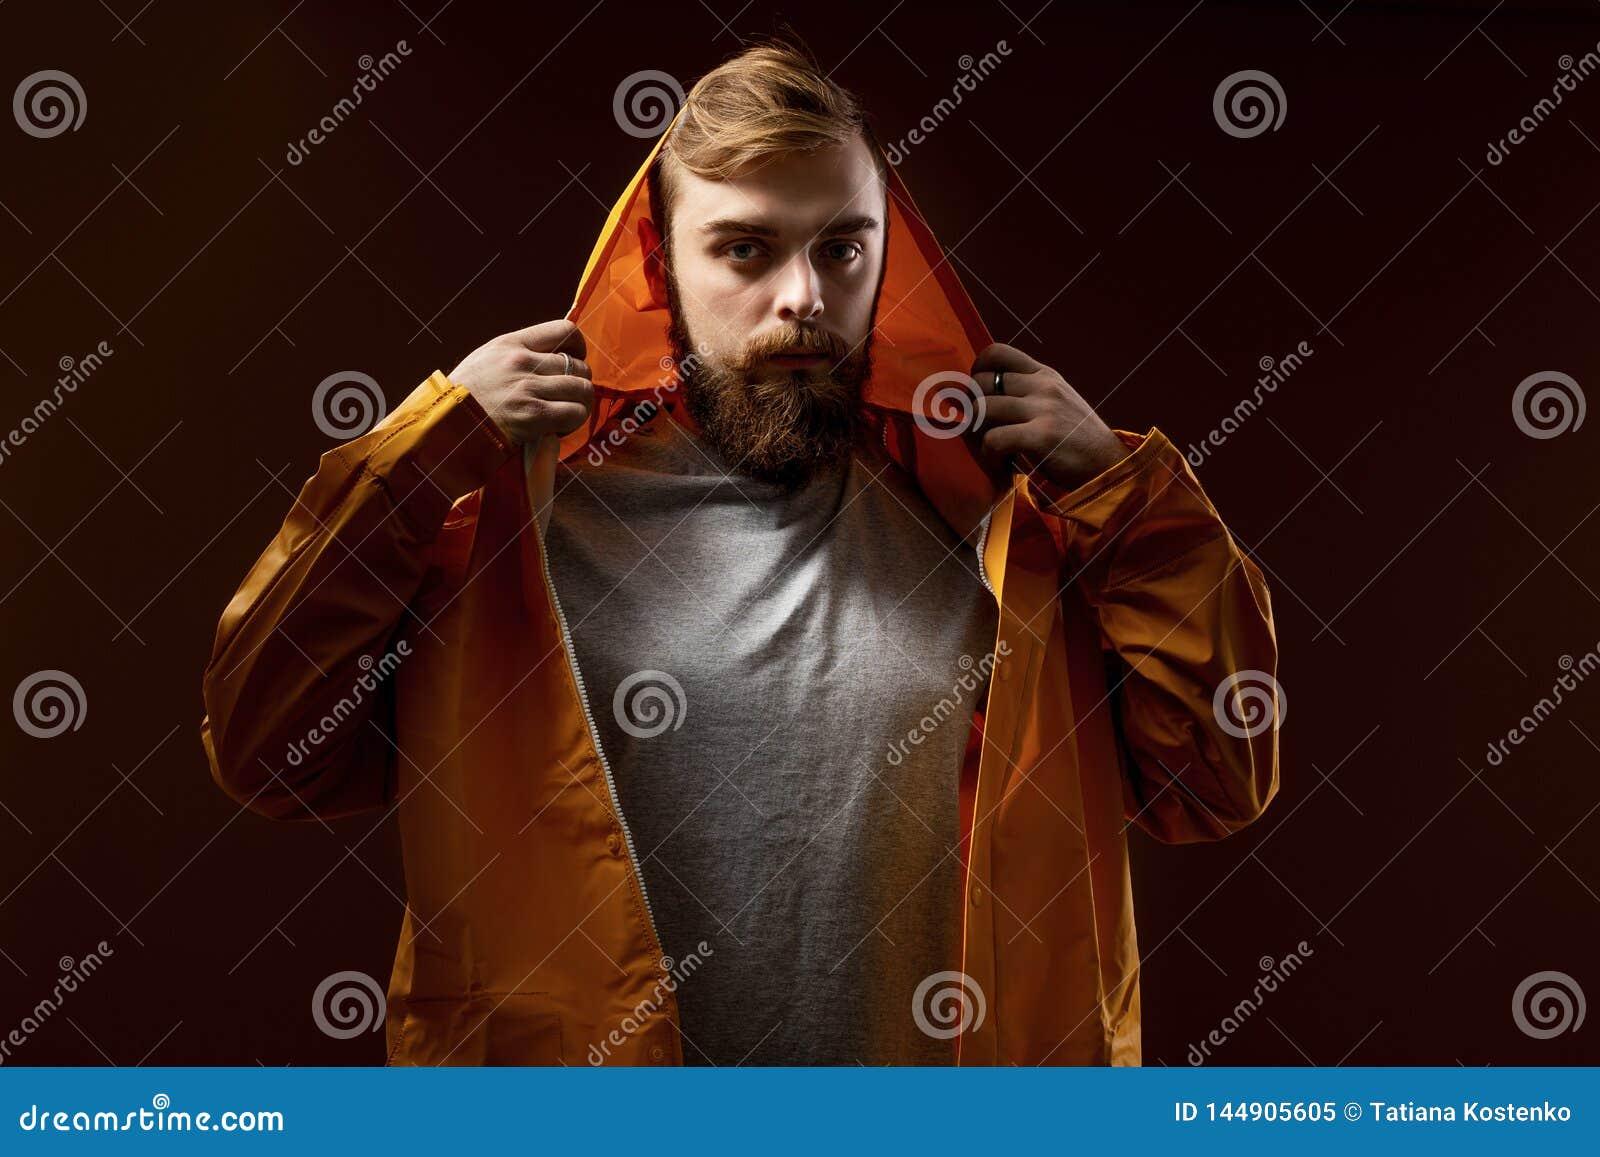 Grabben med ett ikl?dda sk?gg och mustasch en gr? t-skjorta och ett gult omslag med en huv st?r p? en brun bakgrund